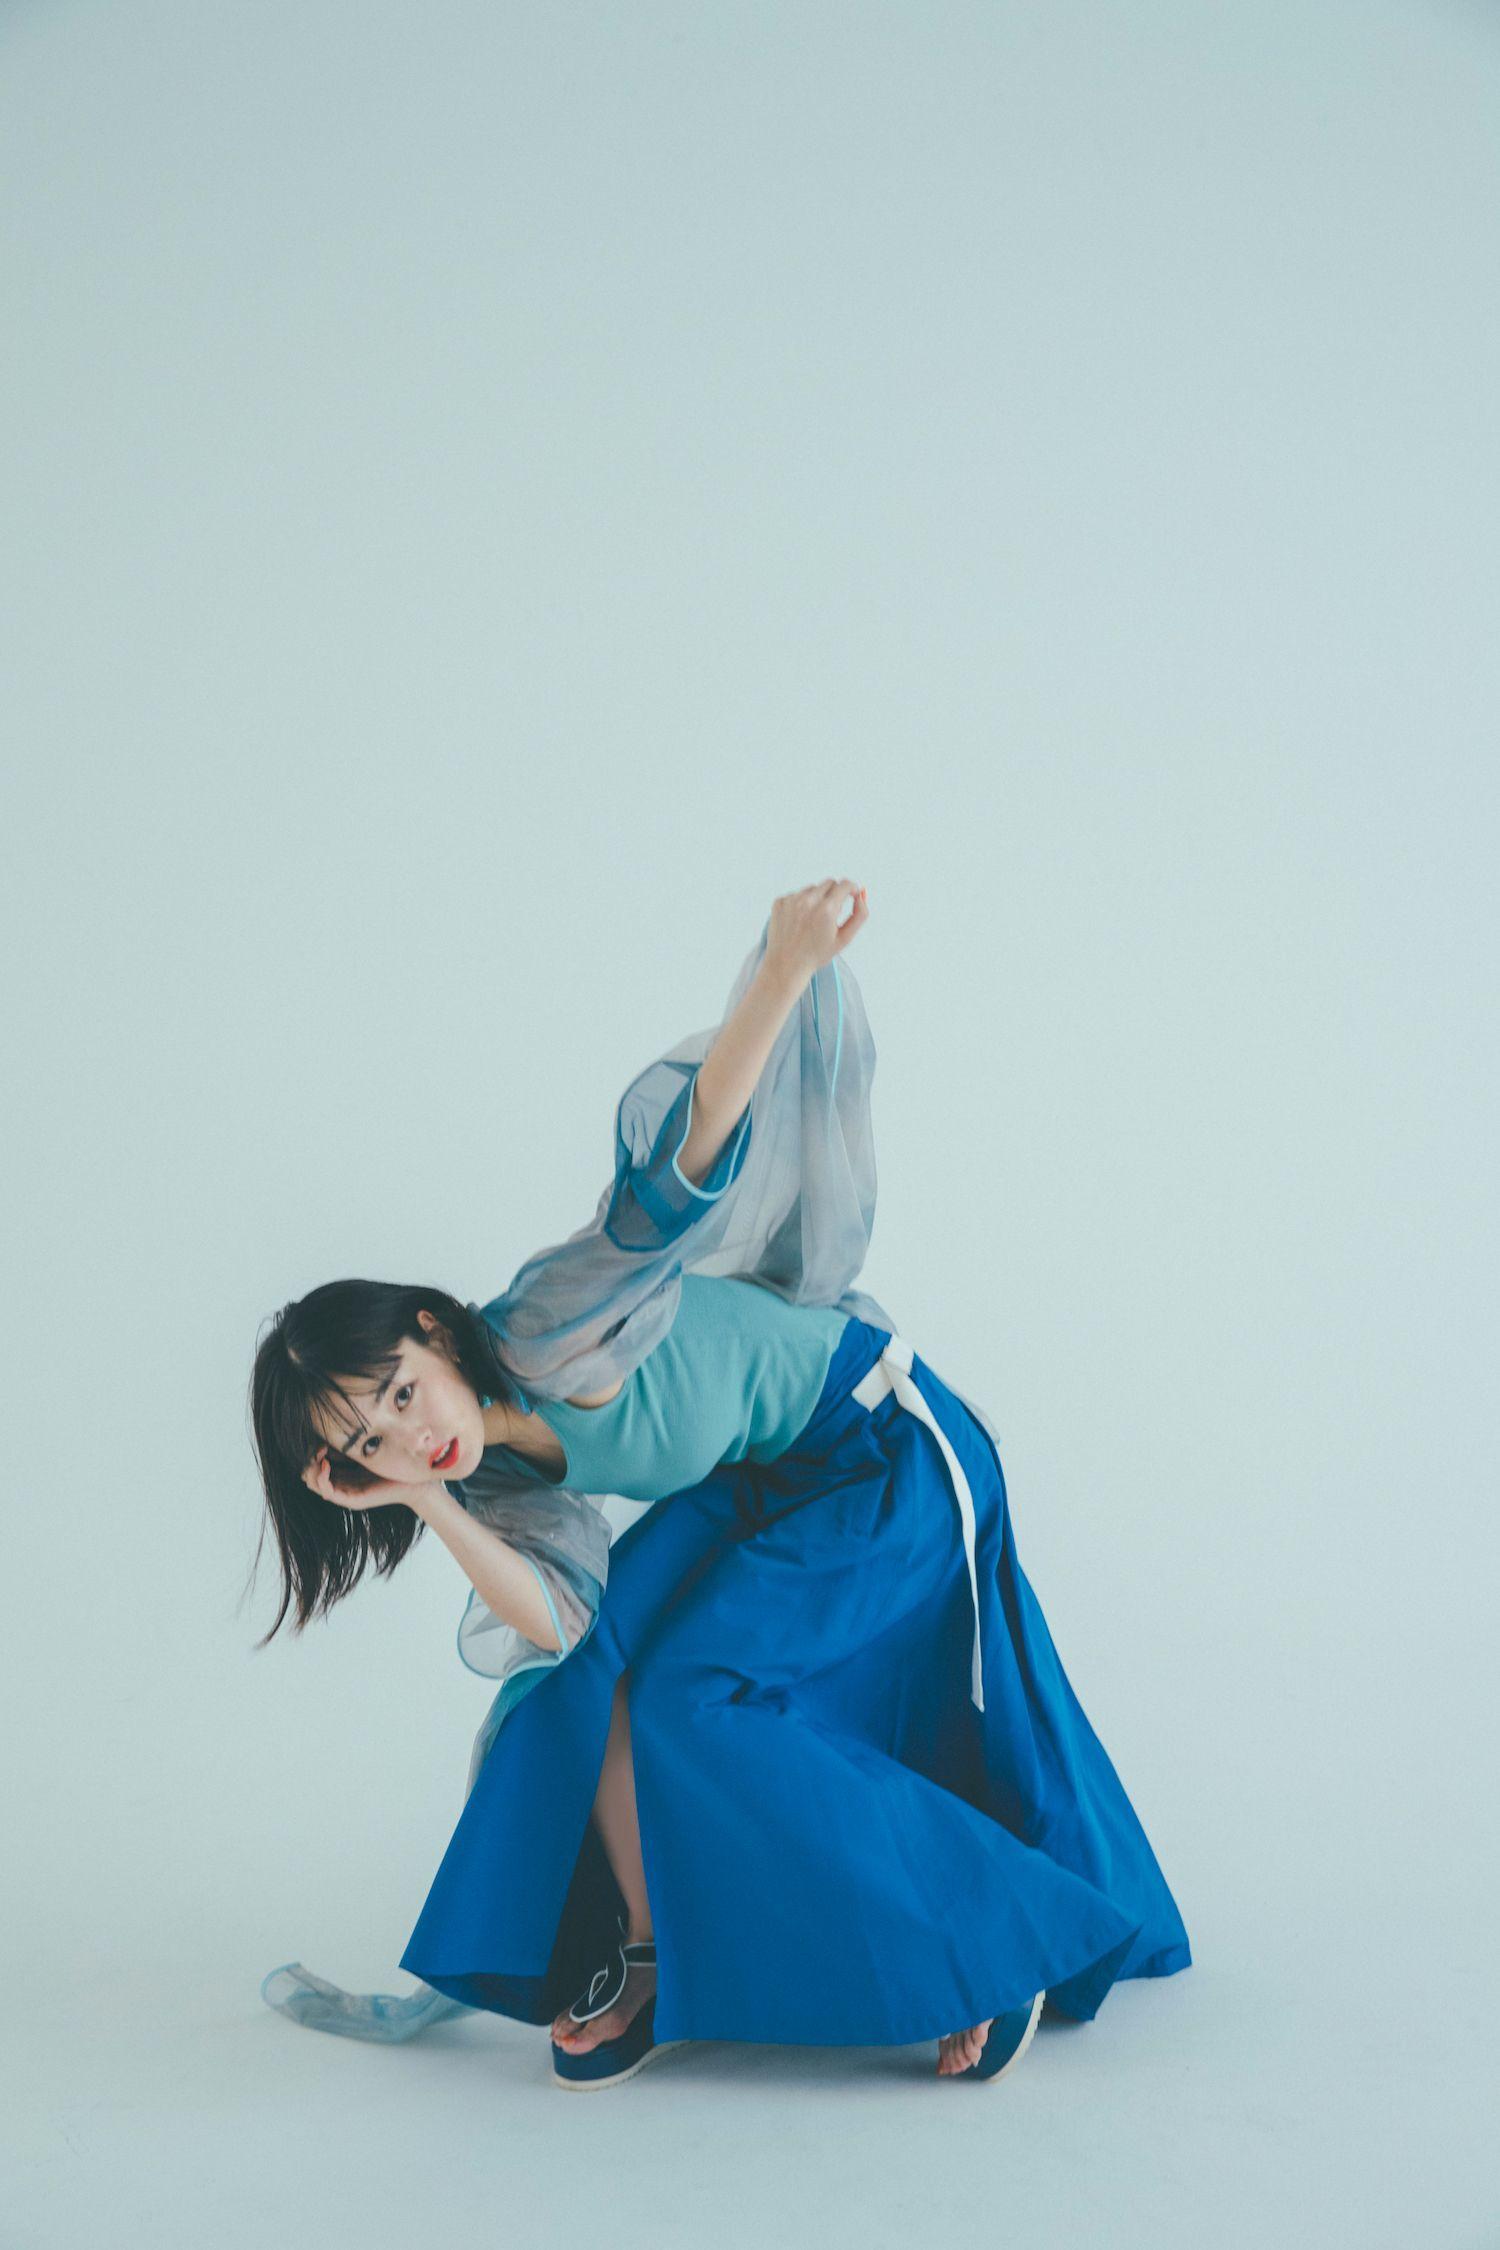 「伊原六花CALENDAR BOOK 2021」(東京ニュース通信社刊)